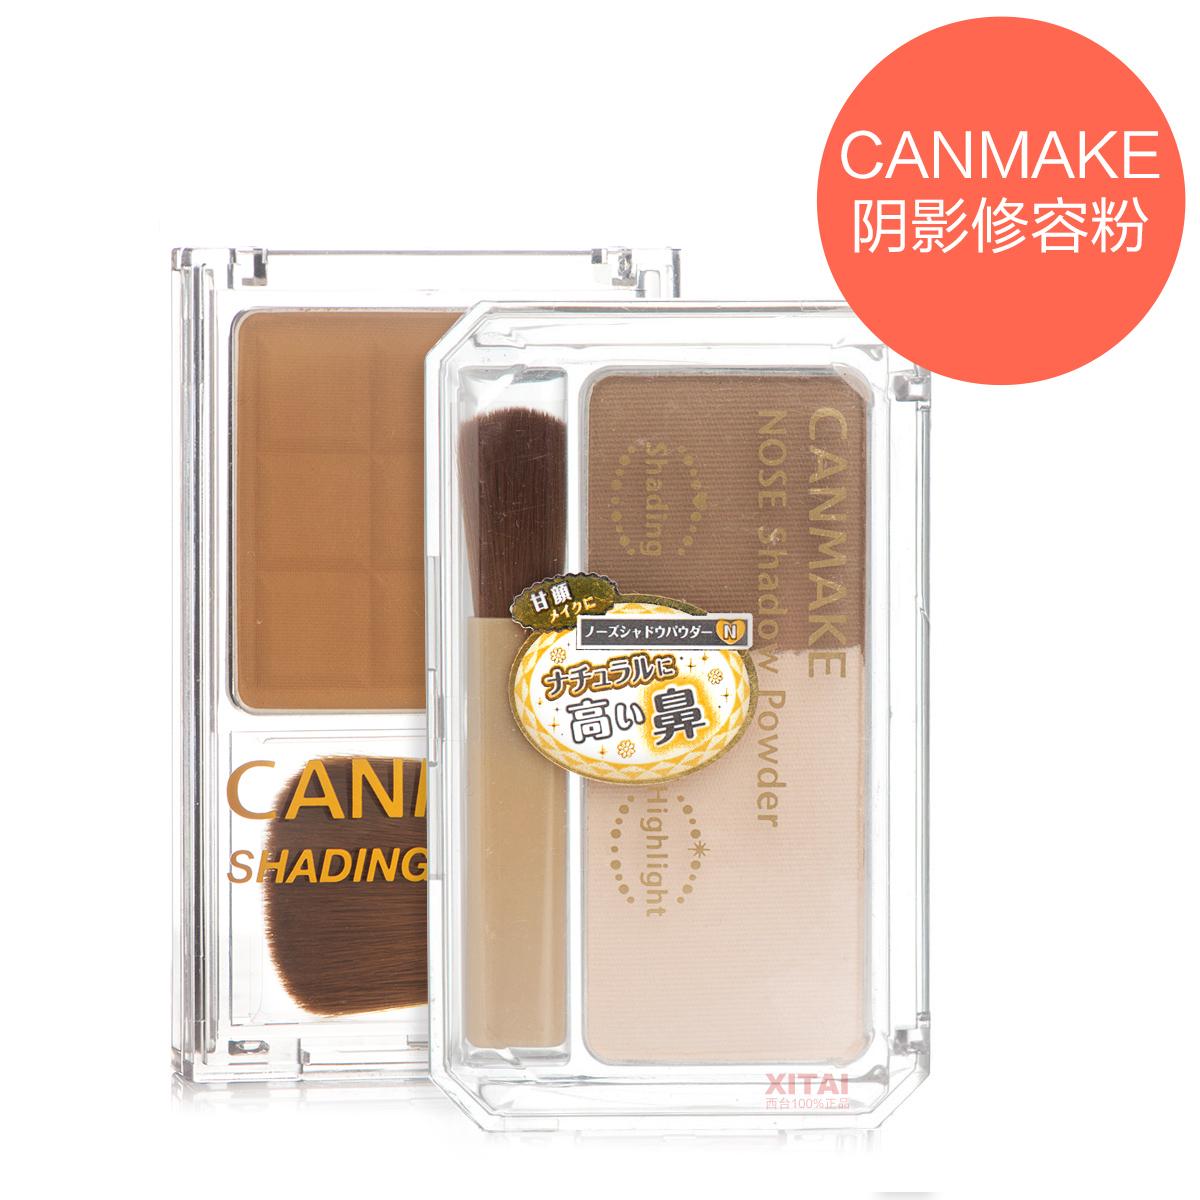 包邮日本canmake井田立体双色阴影粉